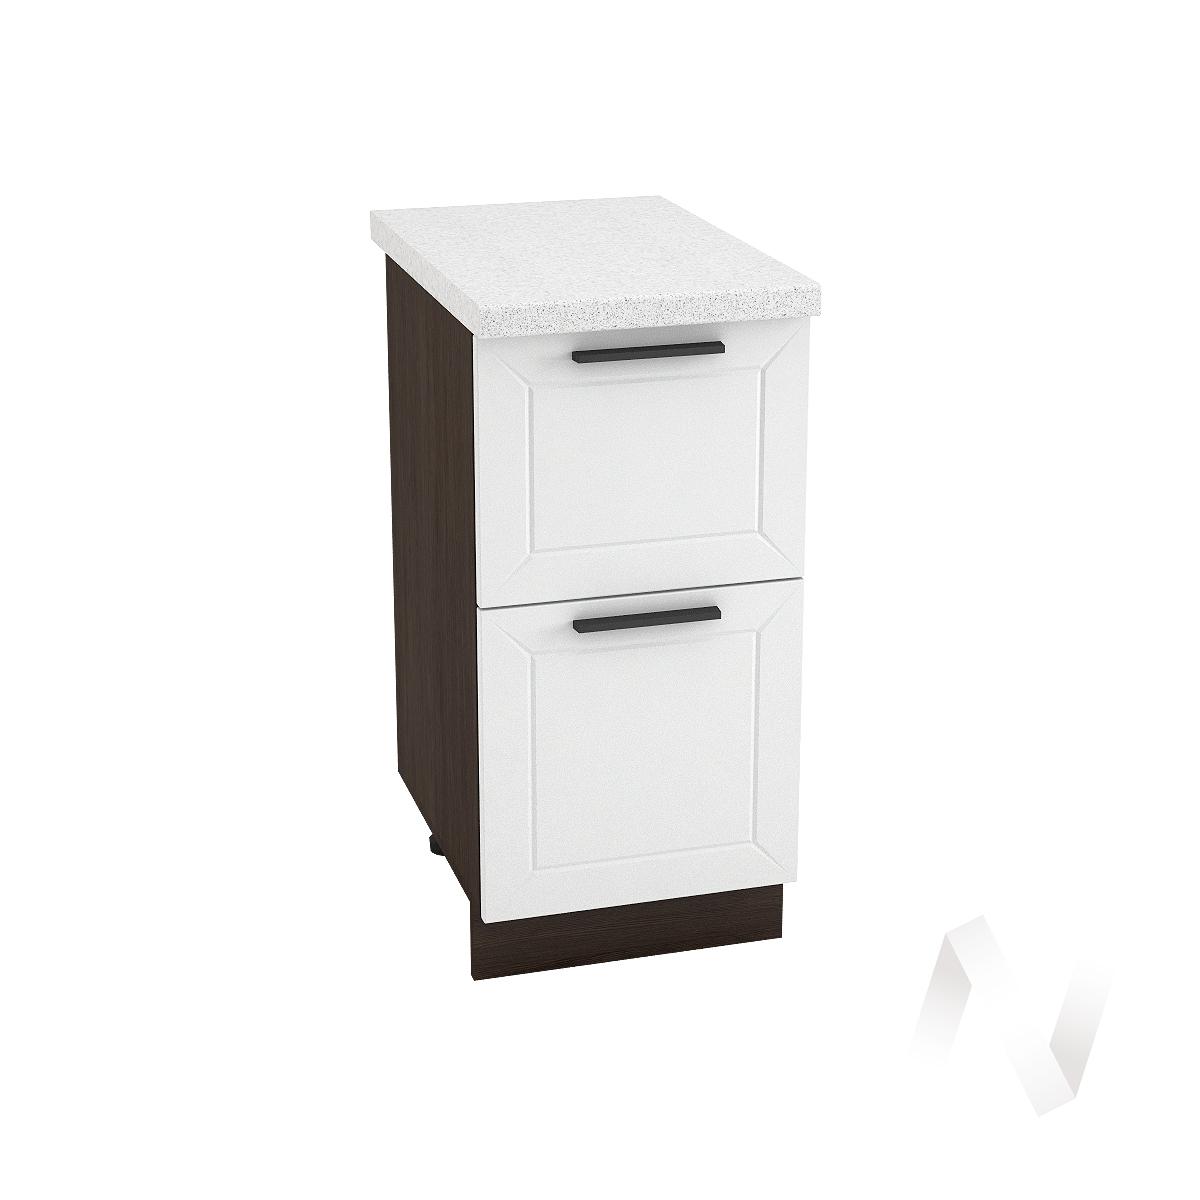 """Кухня """"Глетчер"""": Шкаф нижний с 2-мя ящиками 400, ШН2Я 400 (Айленд Силк/корпус венге)"""